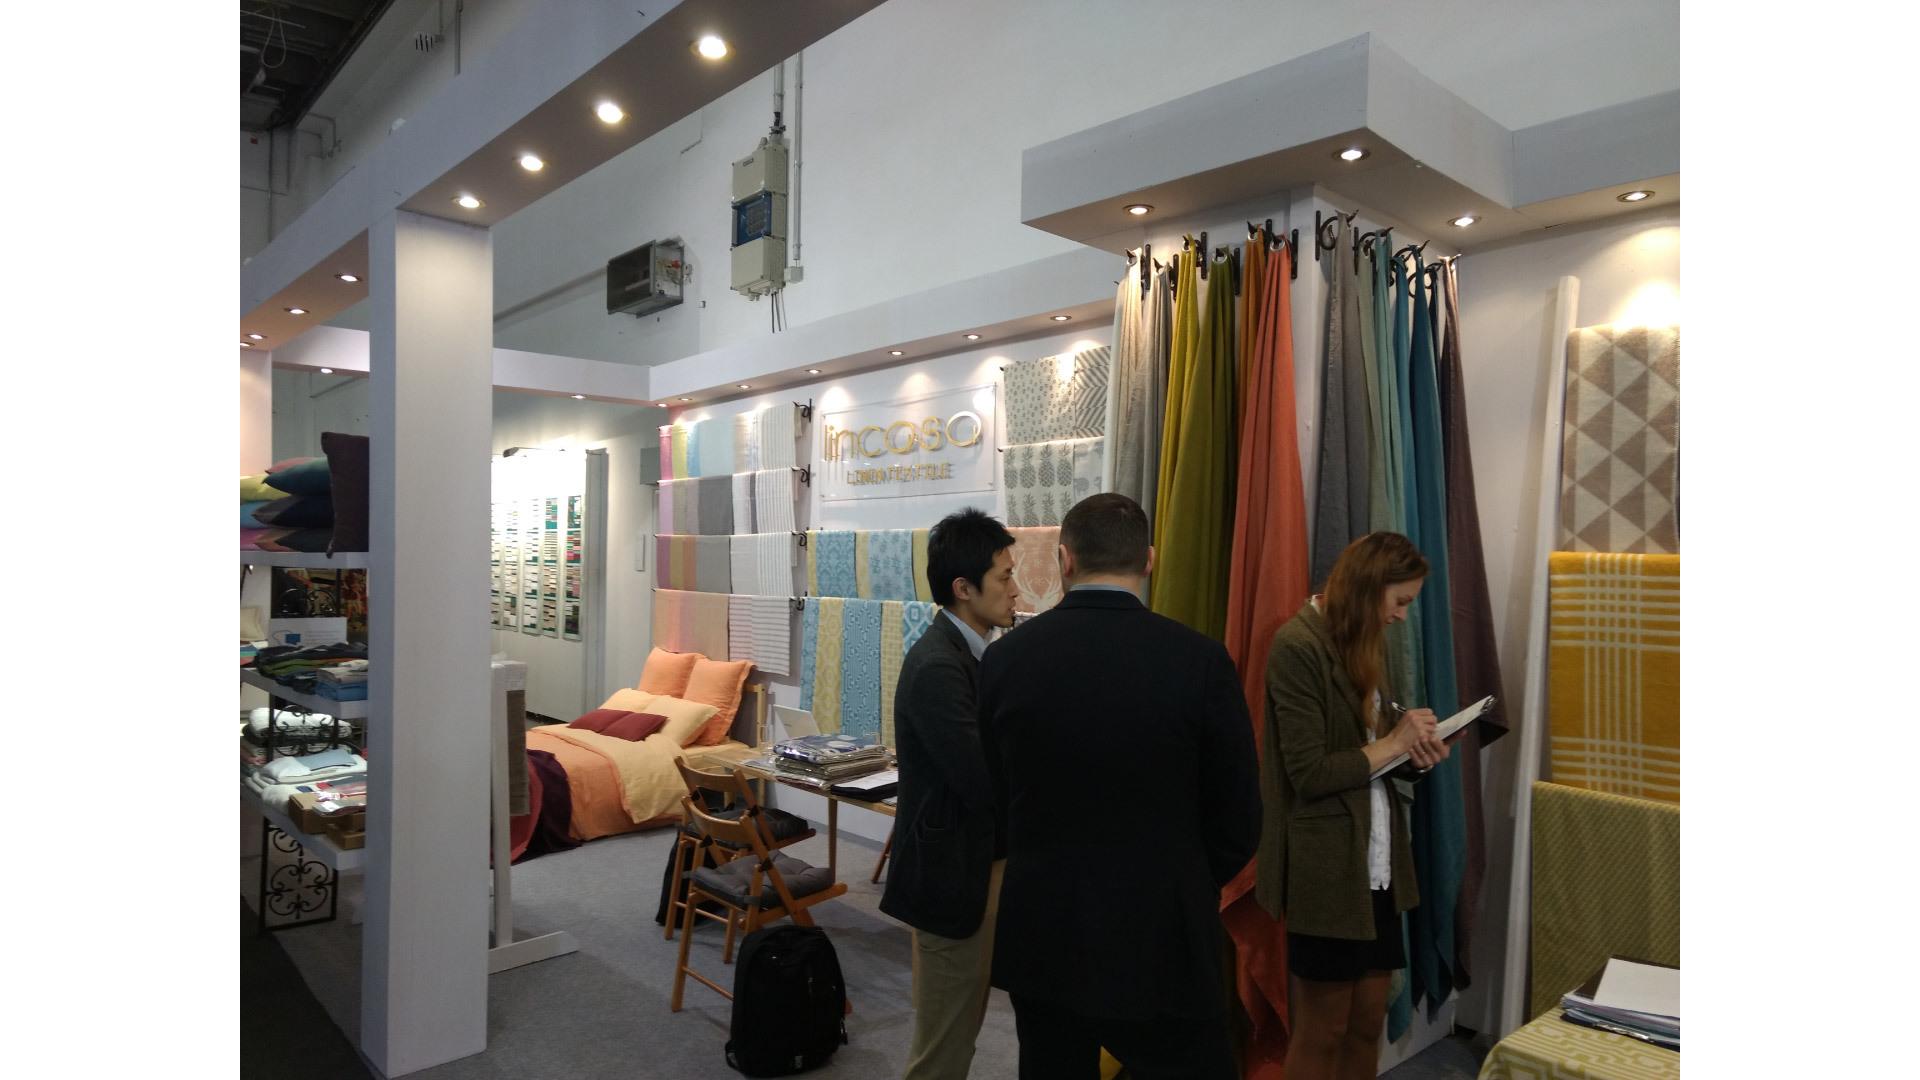 【インテリア営業】海外メーカーとの折衝・既存顧客の対応をお任せ 東京のカバー写真